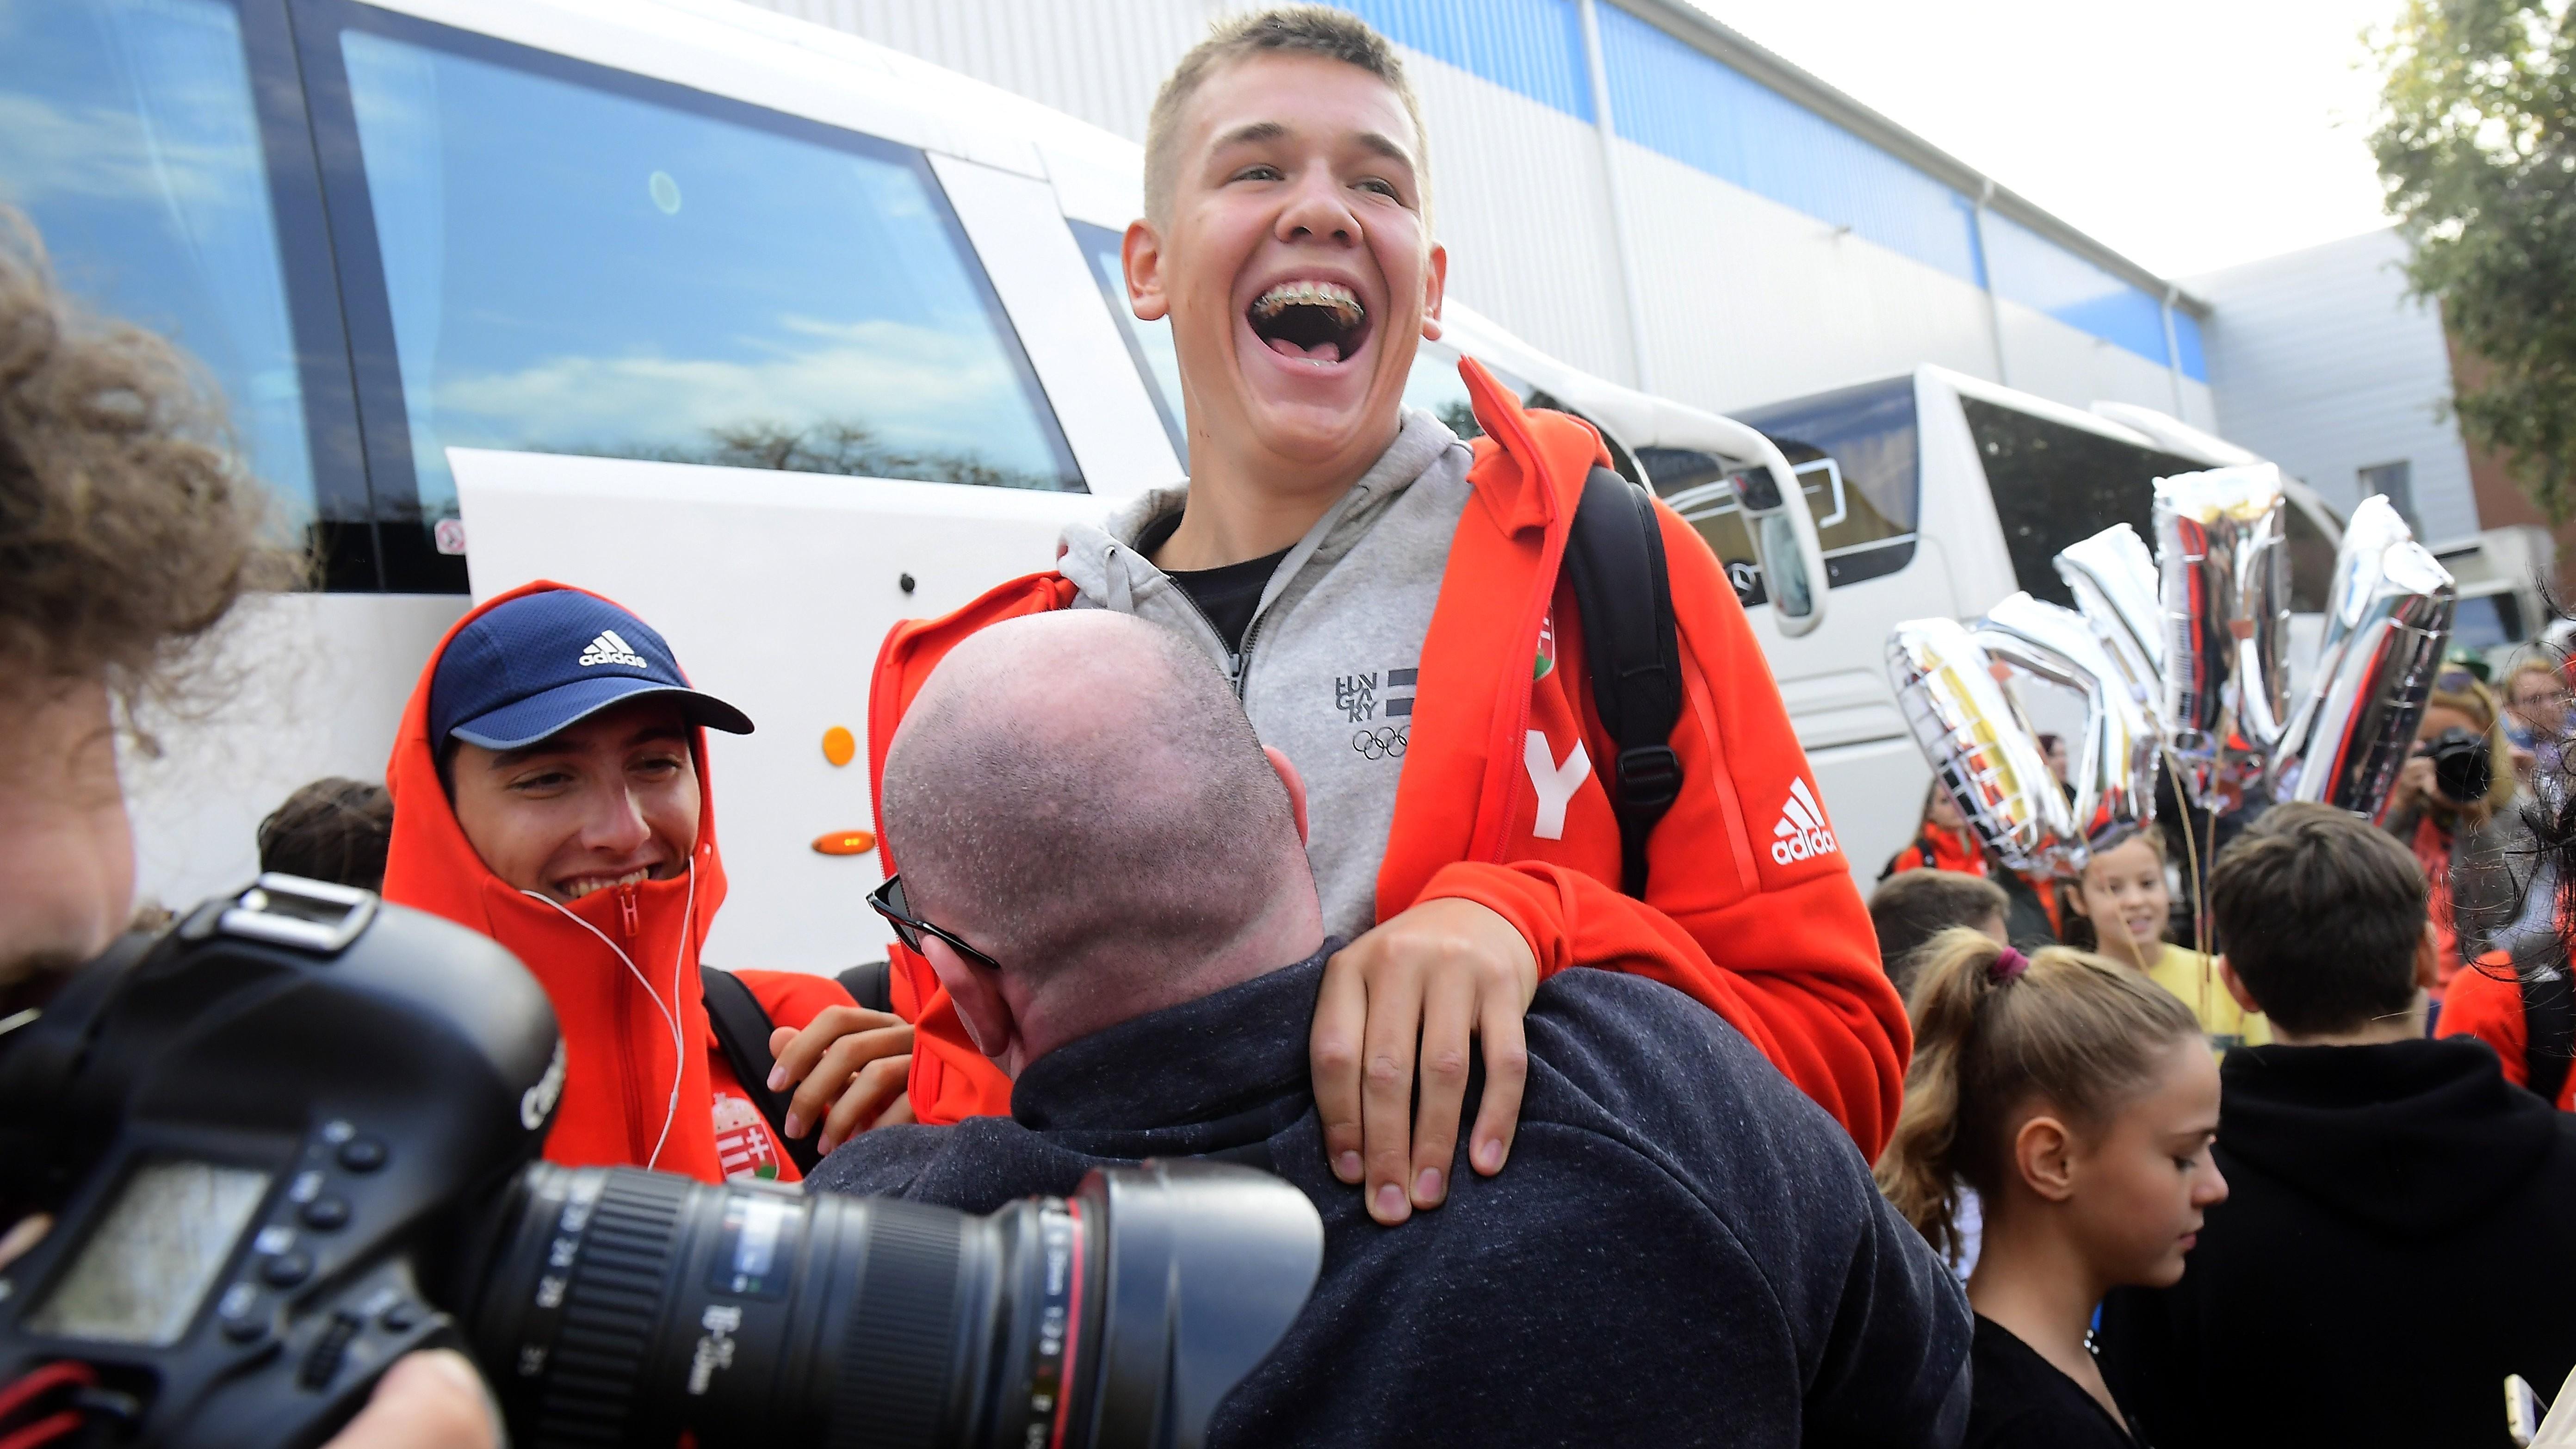 Ifjúsági olimpia - Hazaérkezett Buenos Airesből a magyar küldöttség